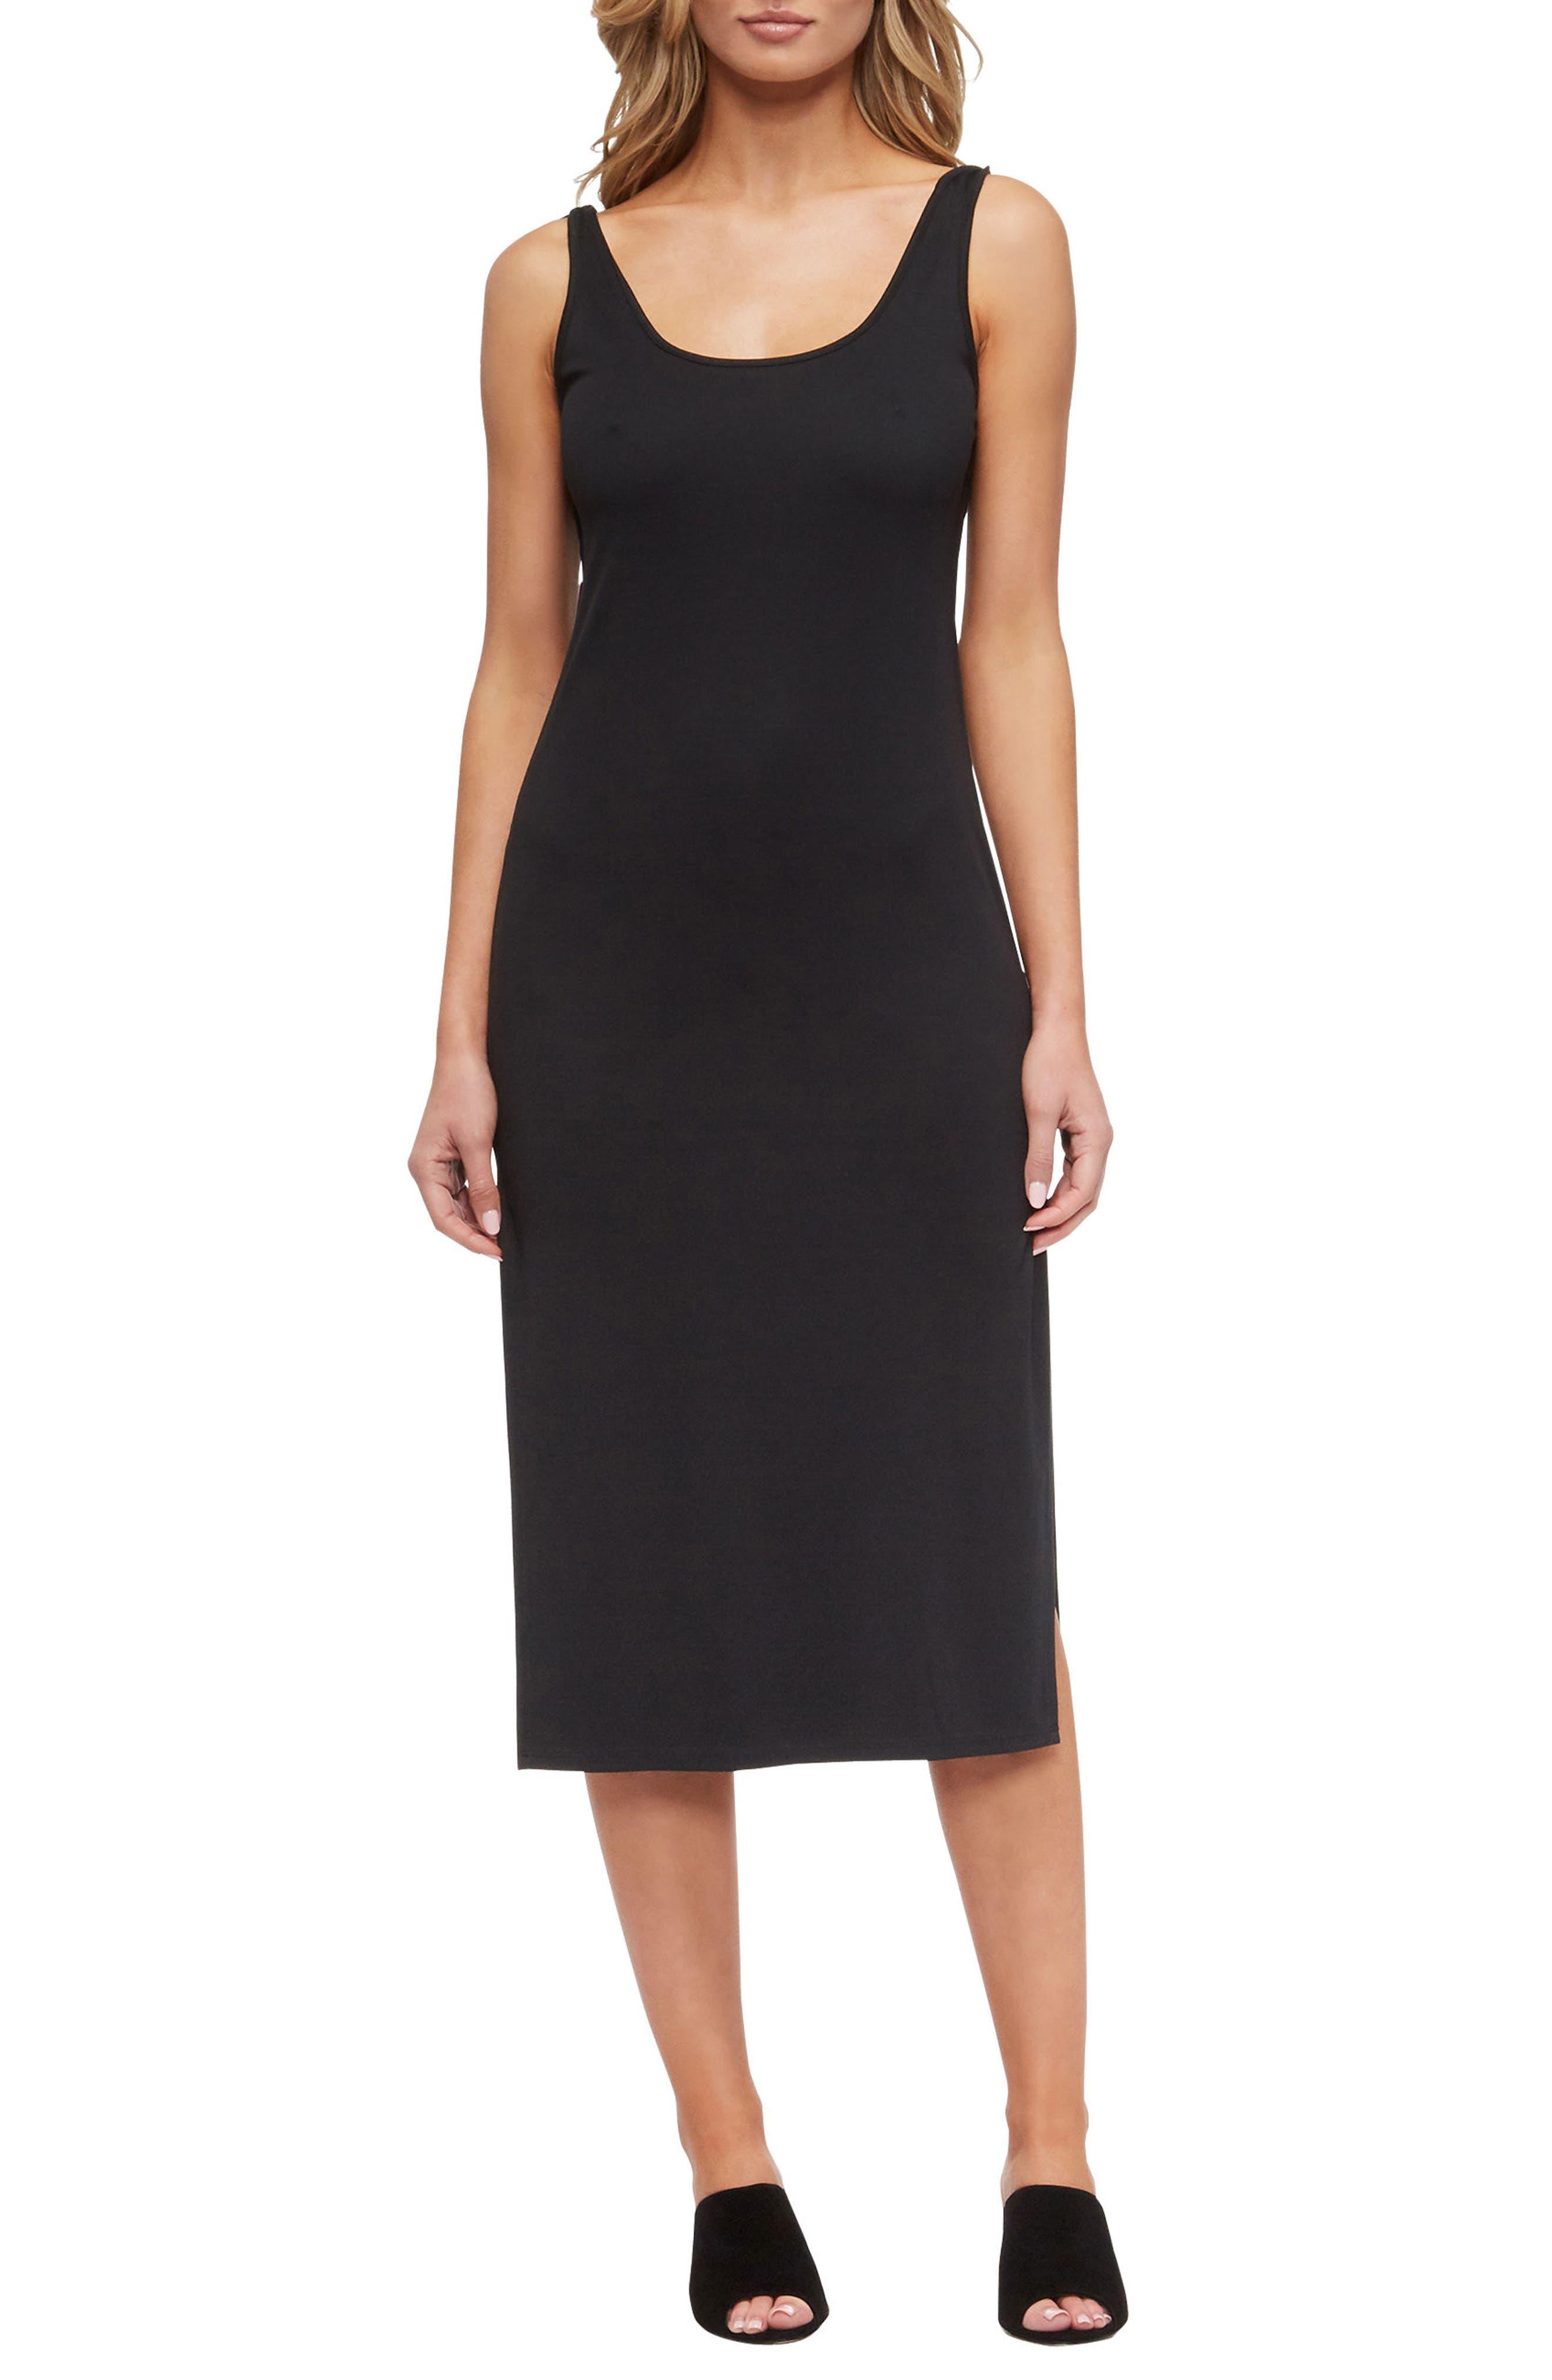 Icara Cover-Up Tank Dress,                             Main thumbnail 1, color,                             Black